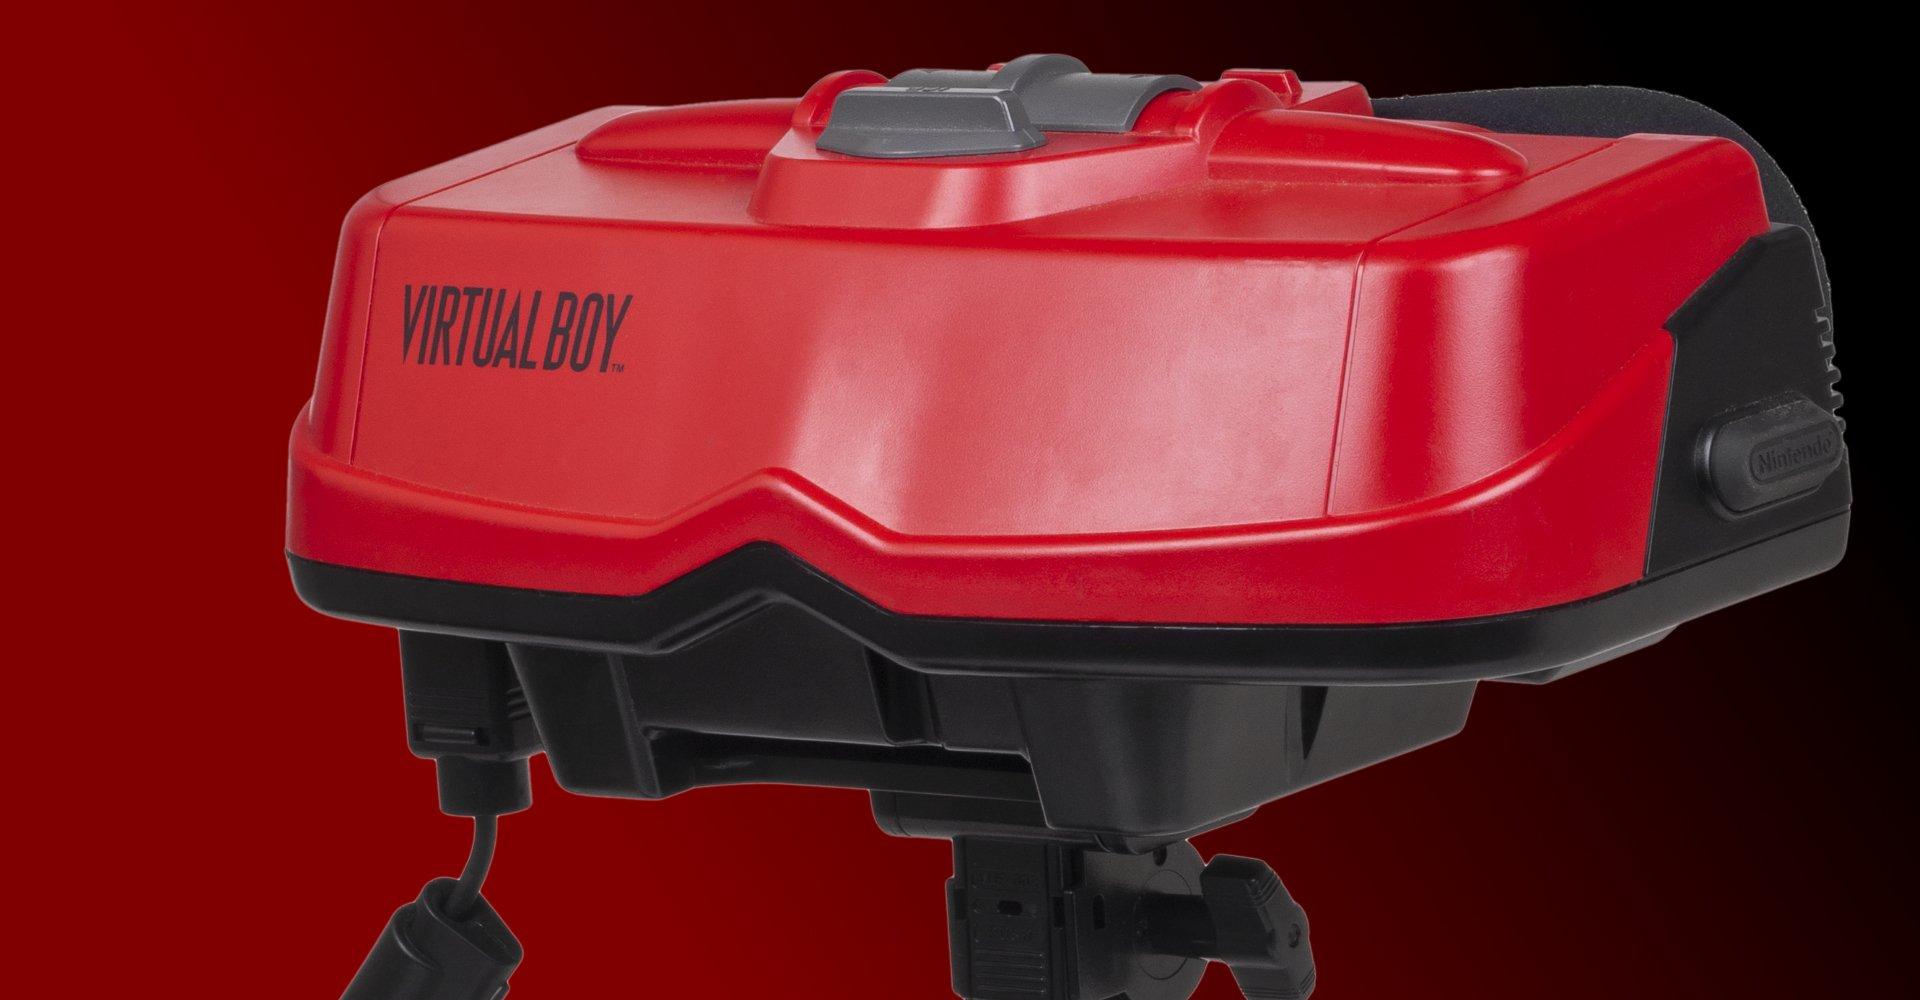 O console era agradável em seu formato, mas era pesado para uso portátil.